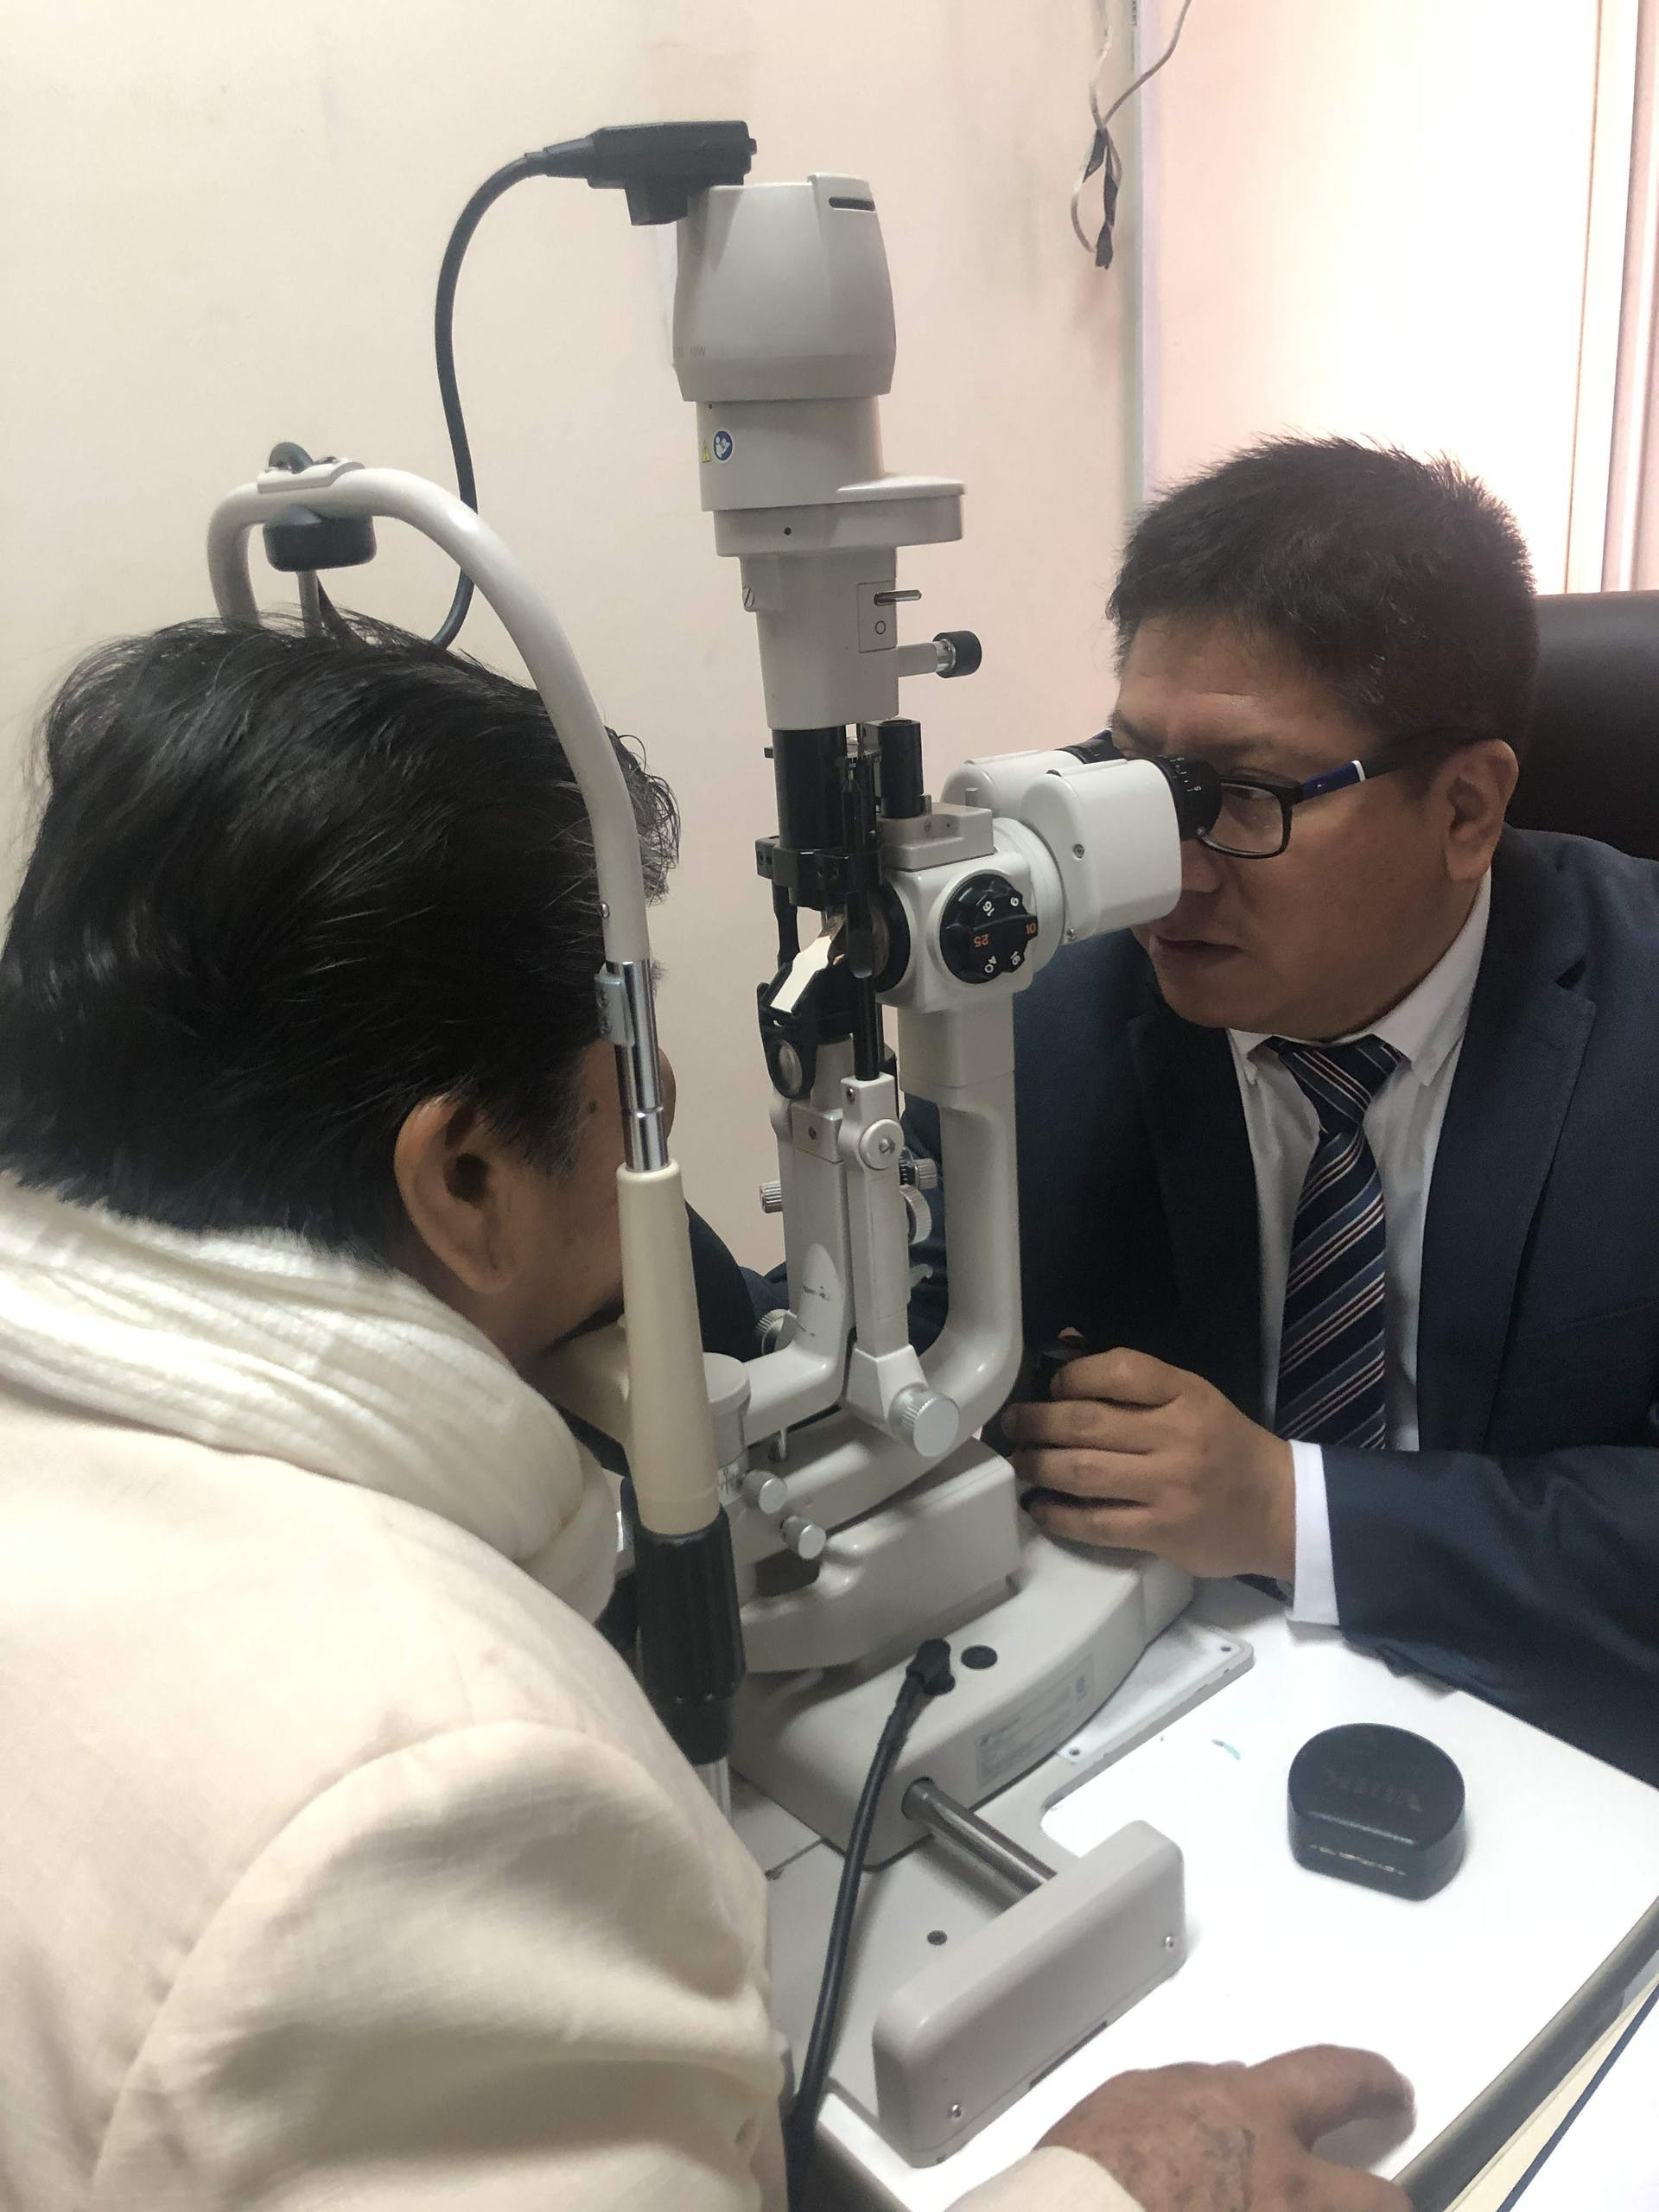 Orbis trainee Dr. De La Cruz screening patient 69-year-old Maria post-cataract surgery